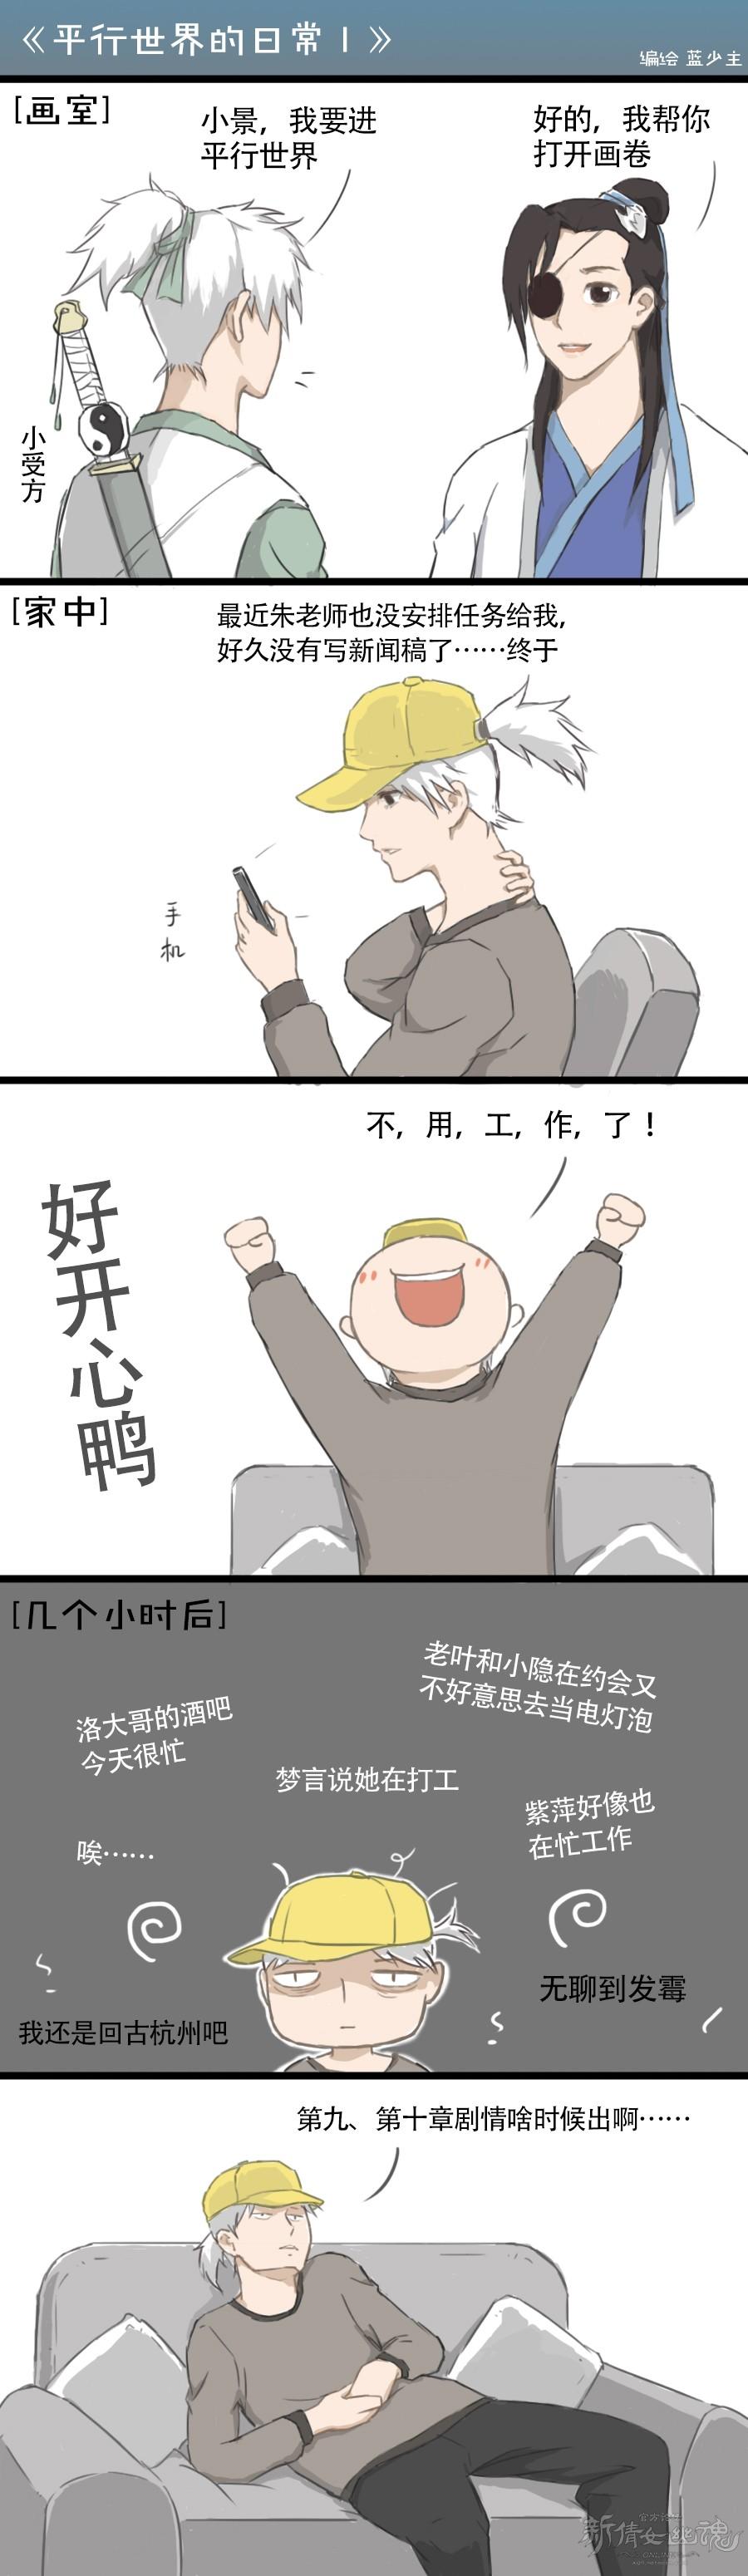 【名人堂】【条漫】《平行世界日常1》